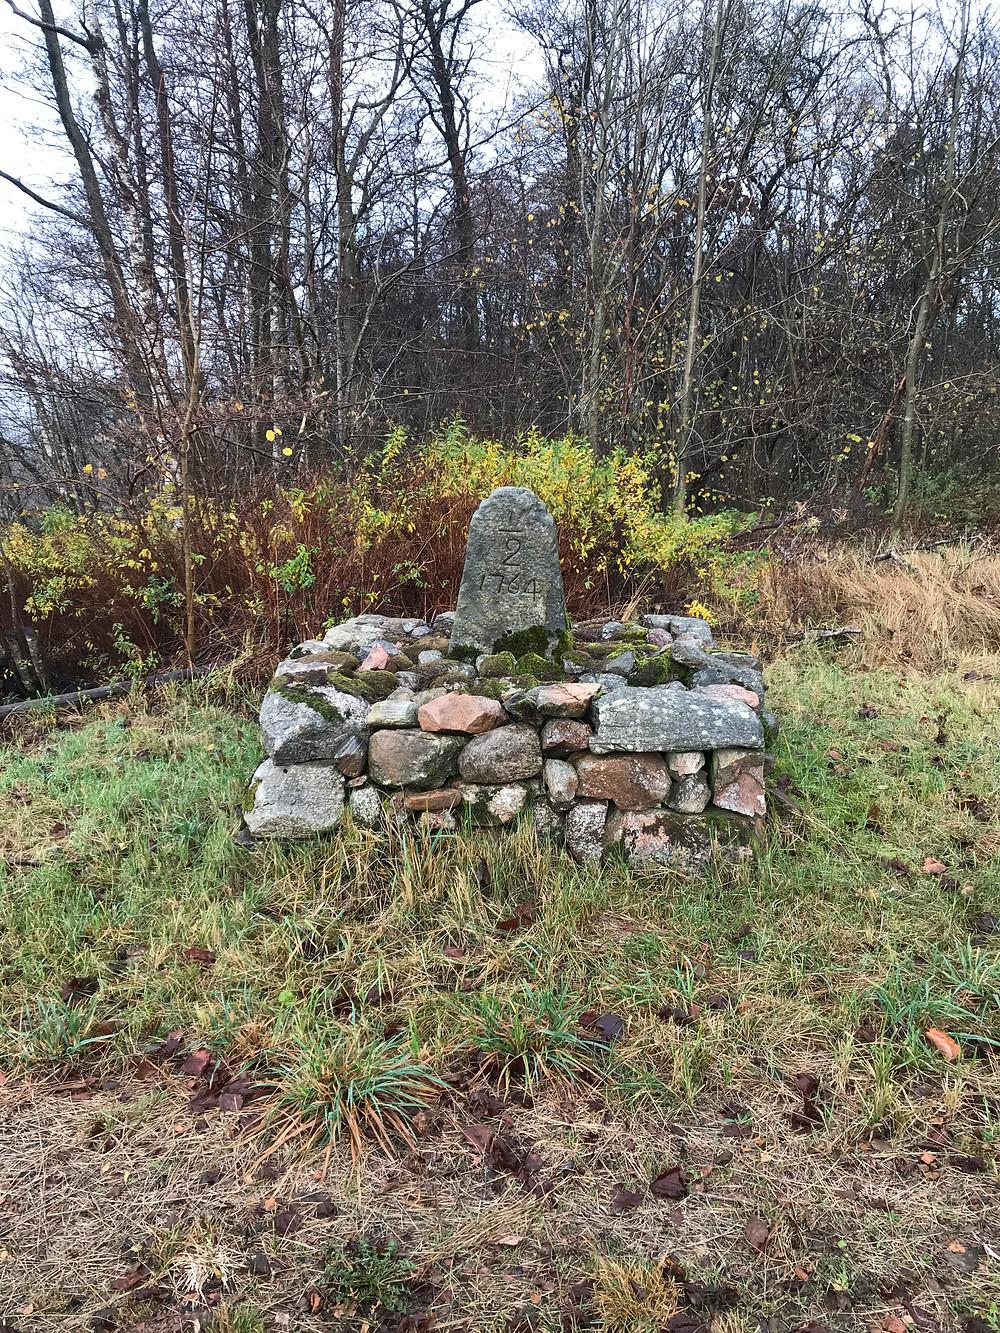 A Swedish mile marker on Skåneleden